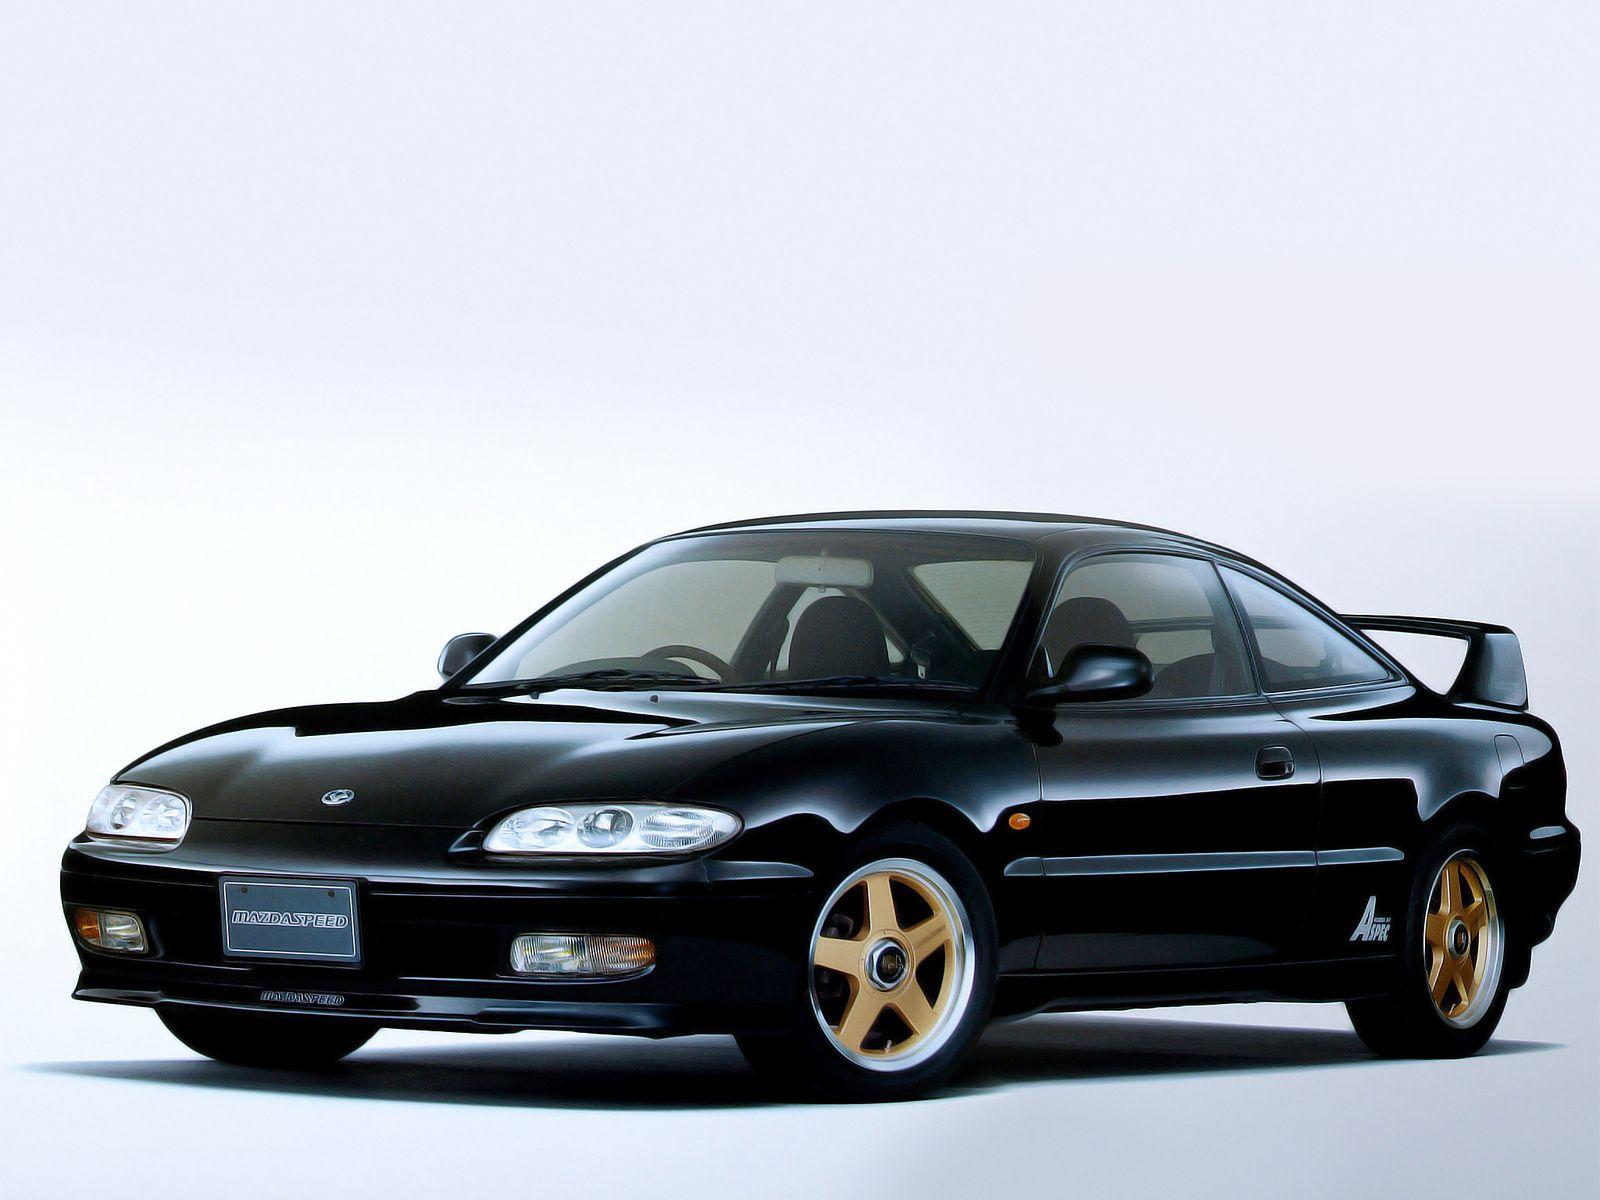 1992-98 Mazdaspeed MX-6 | JDM | Pinterest | Mazda, Mazda ...